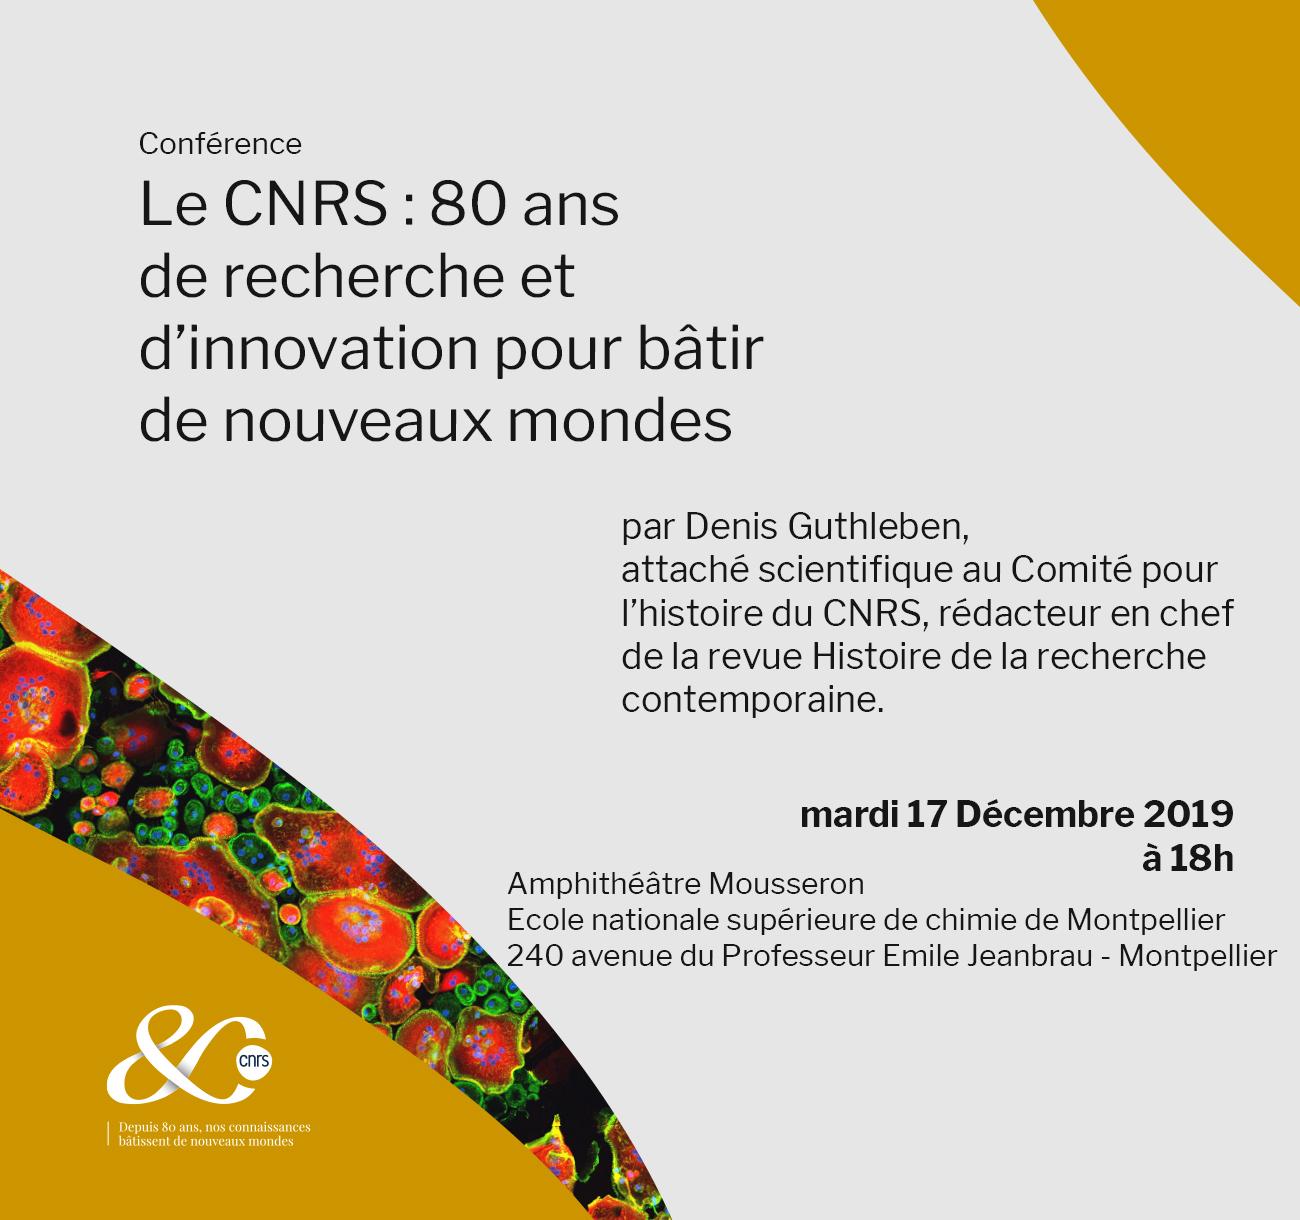 Le CNRS : 80 ans de recherche et d'innovation pour bâtir de nouveaux mondes